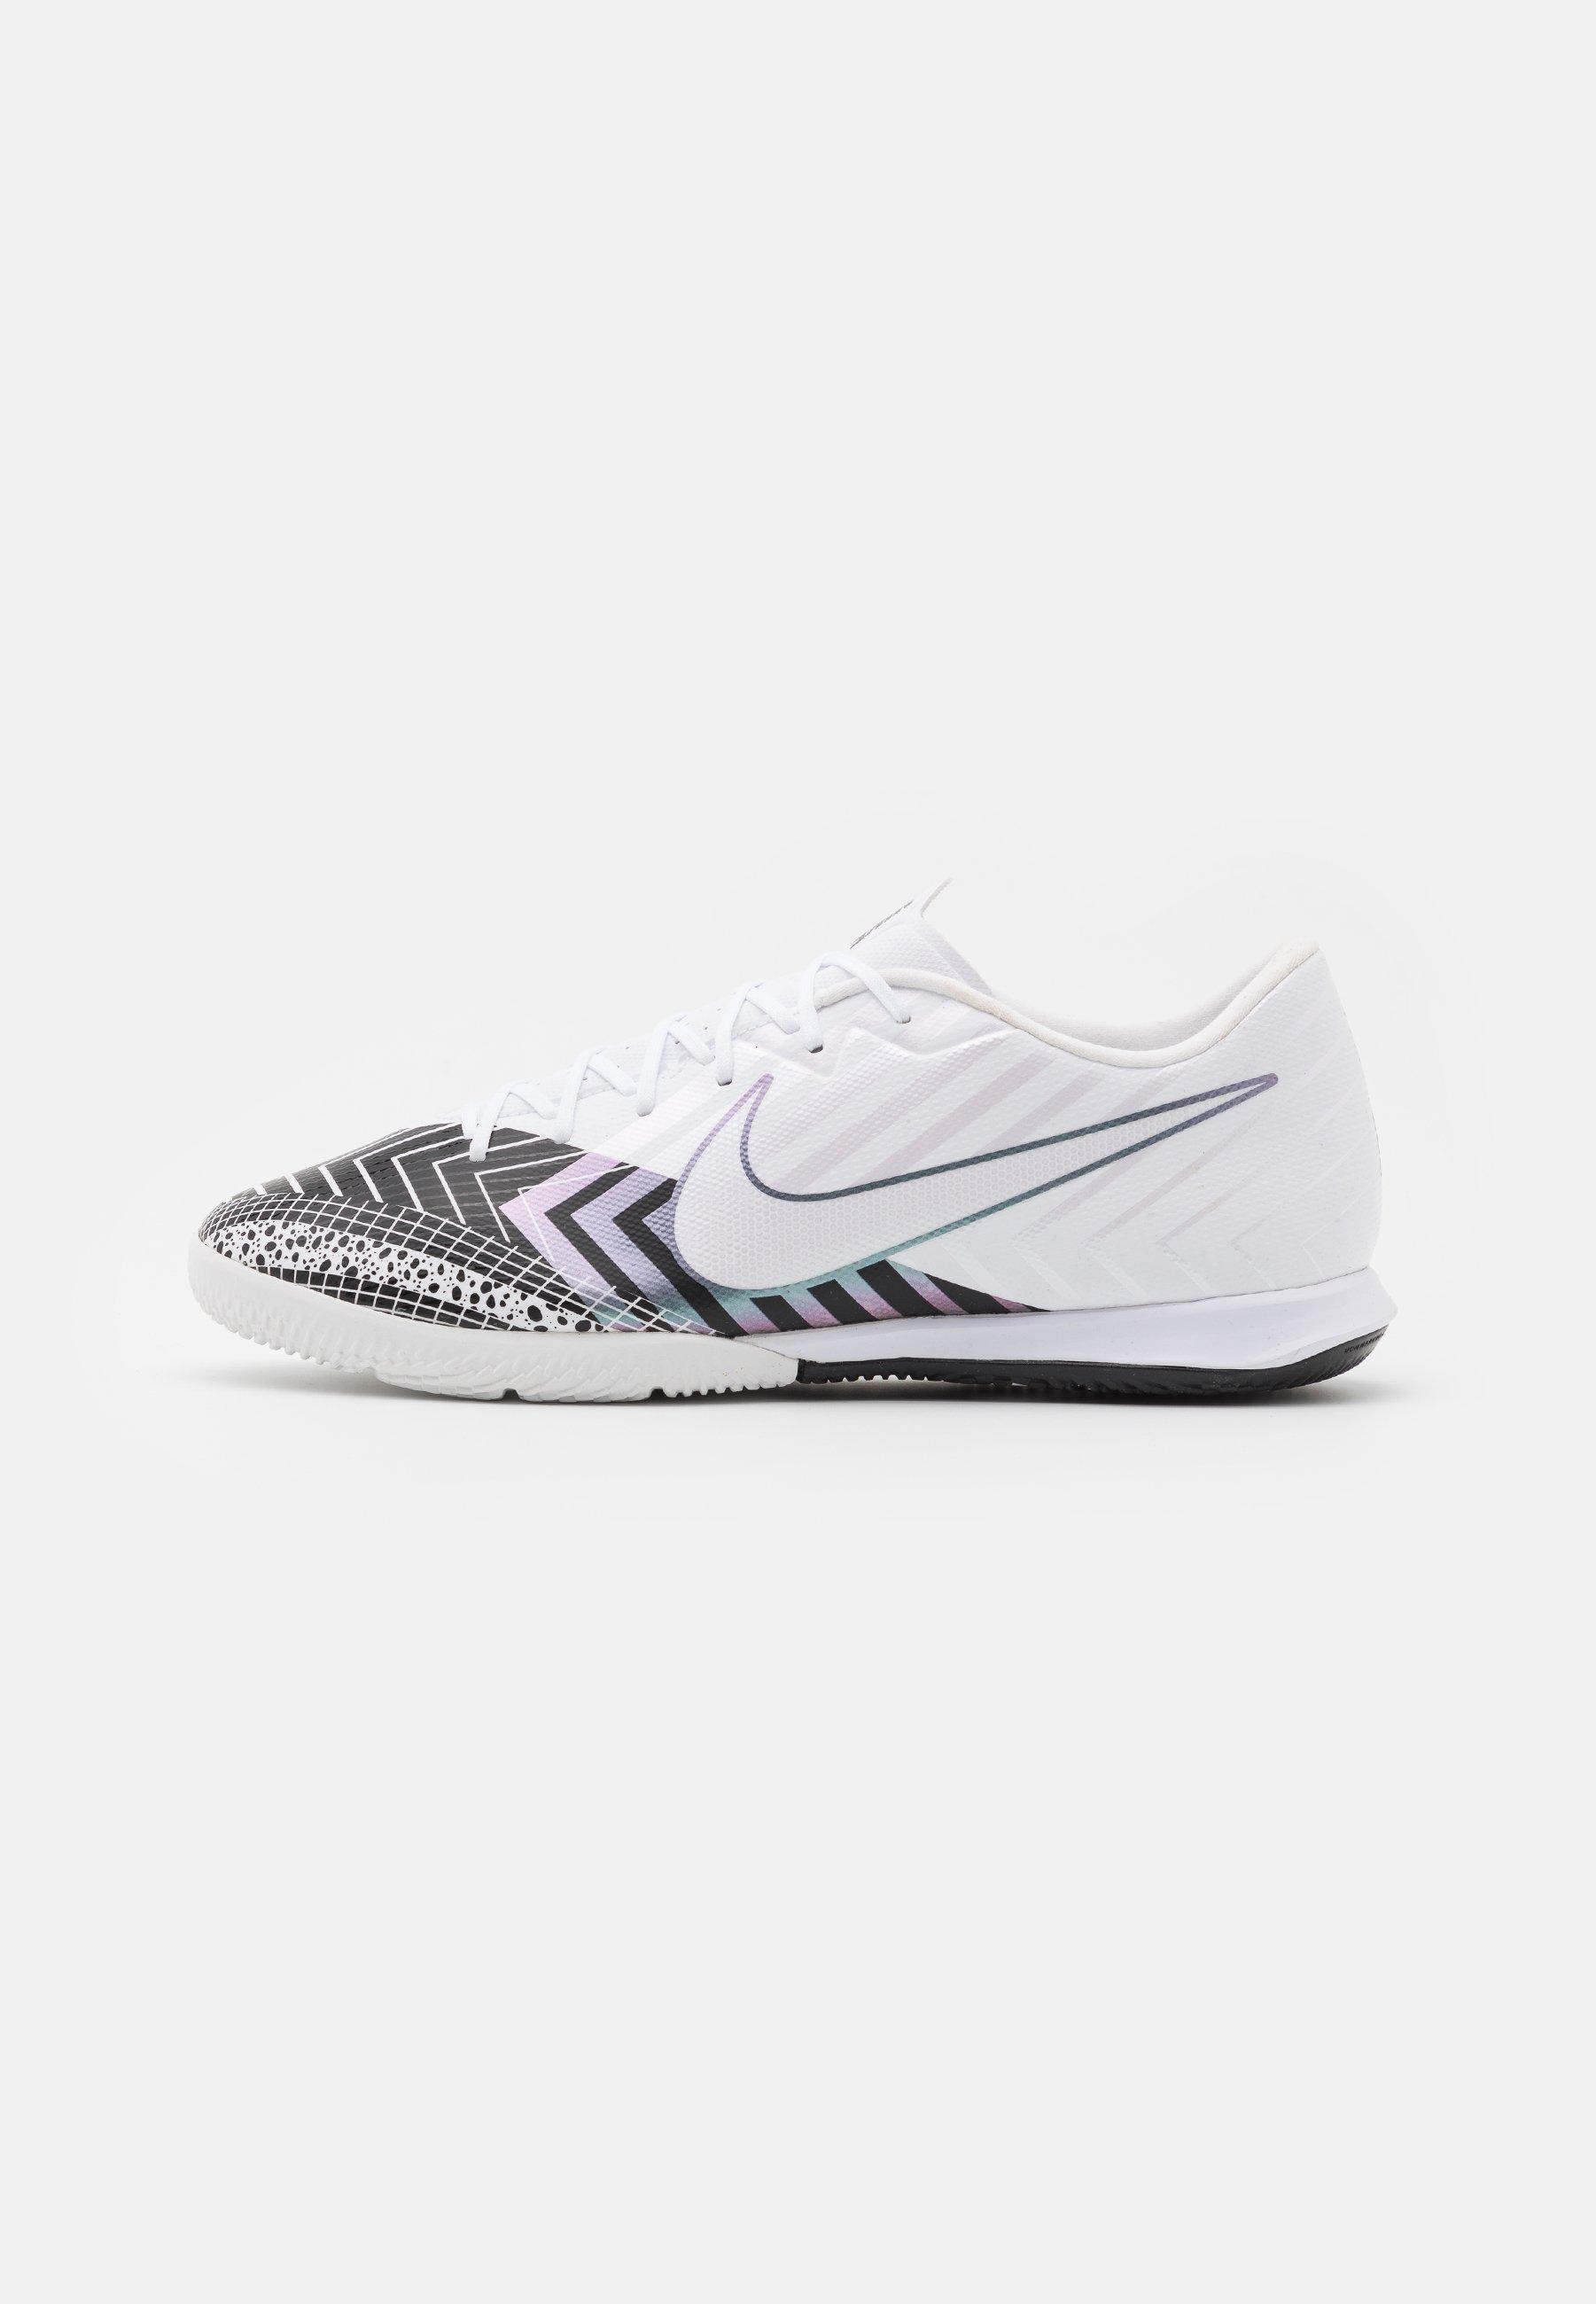 chaussure nike foot en salle